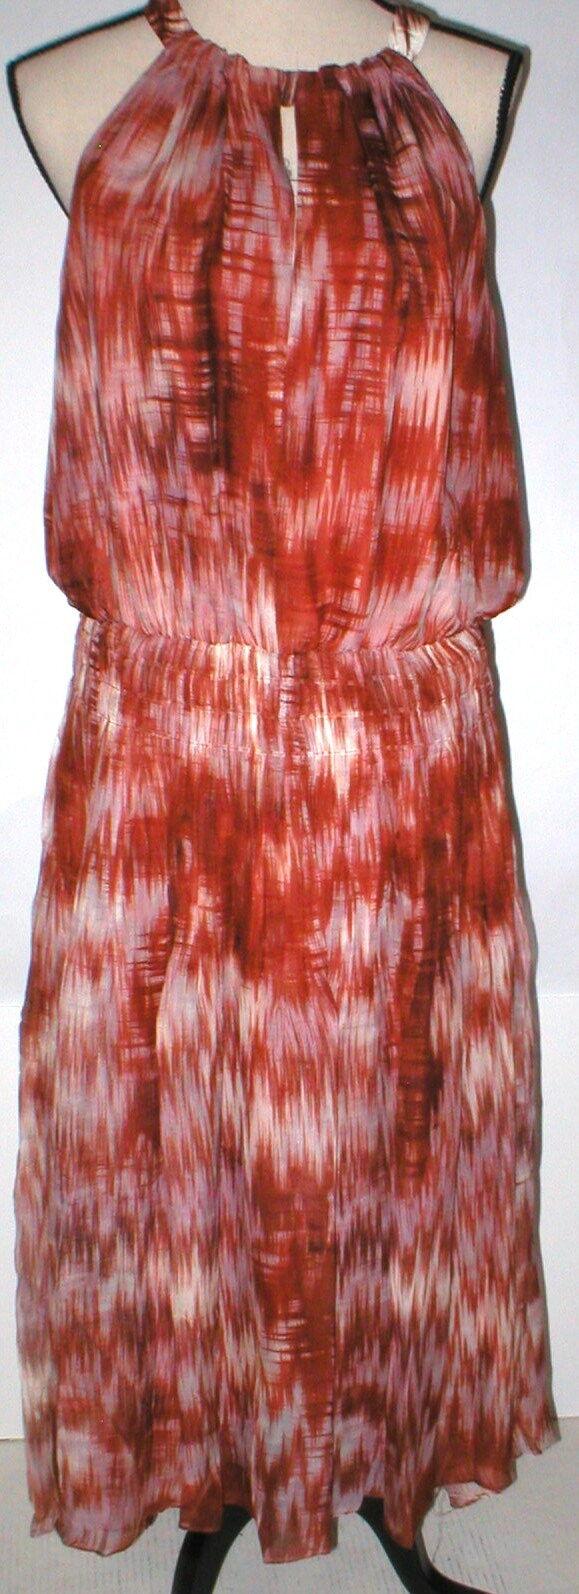 Nuevo vestido sin mangas para mujer Nuevo con etiquetas  L Diseñador Elizabeth and James Finn blancoo Marrón  la calidad primero los consumidores primero